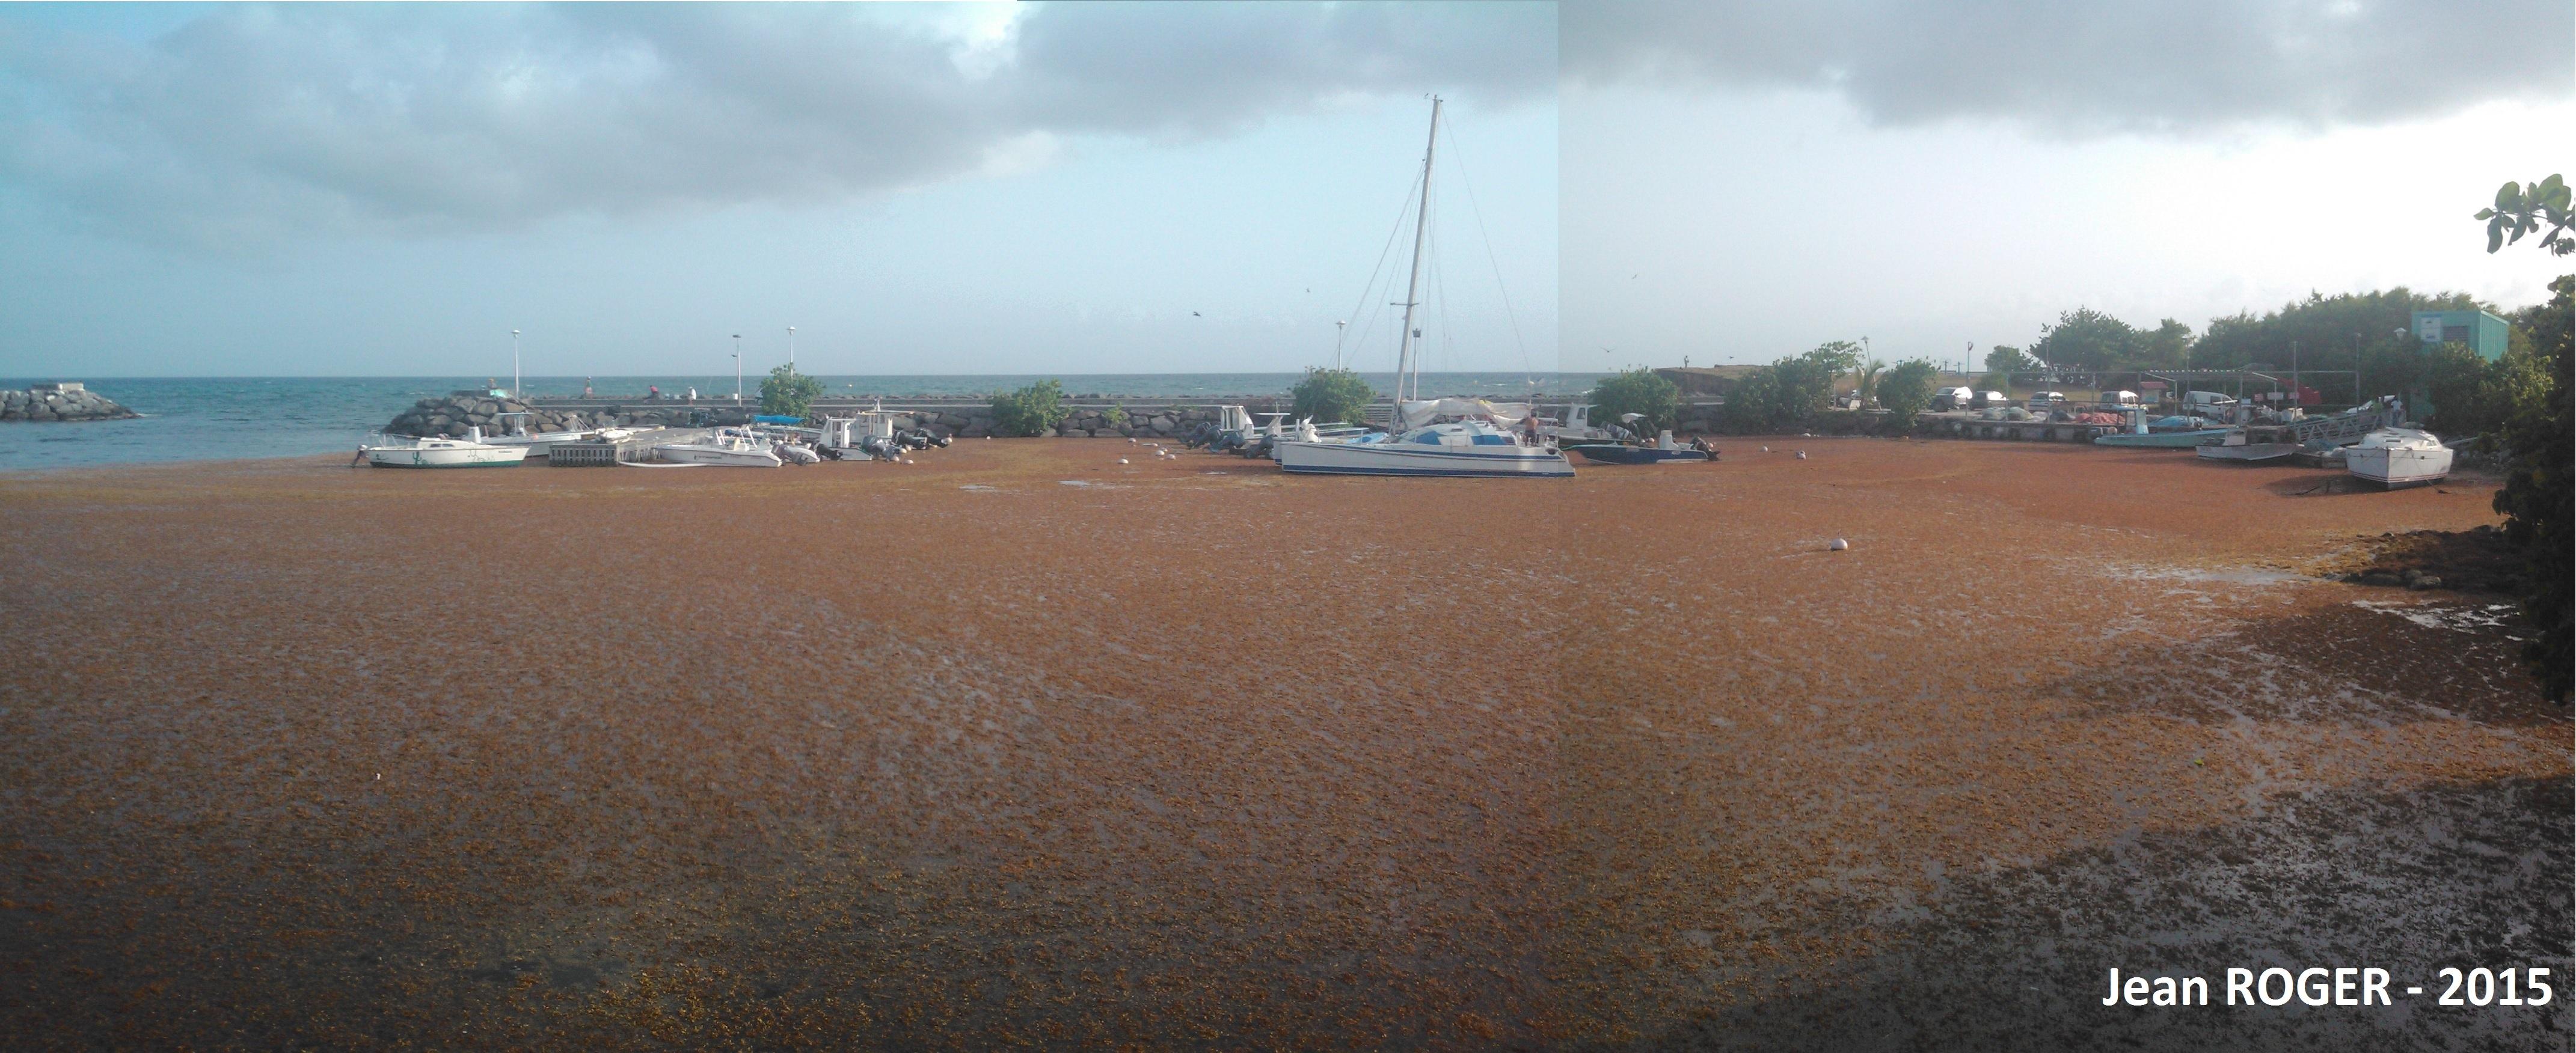 Le port de St Felix rempli de sargasses le 28 avril 2015.